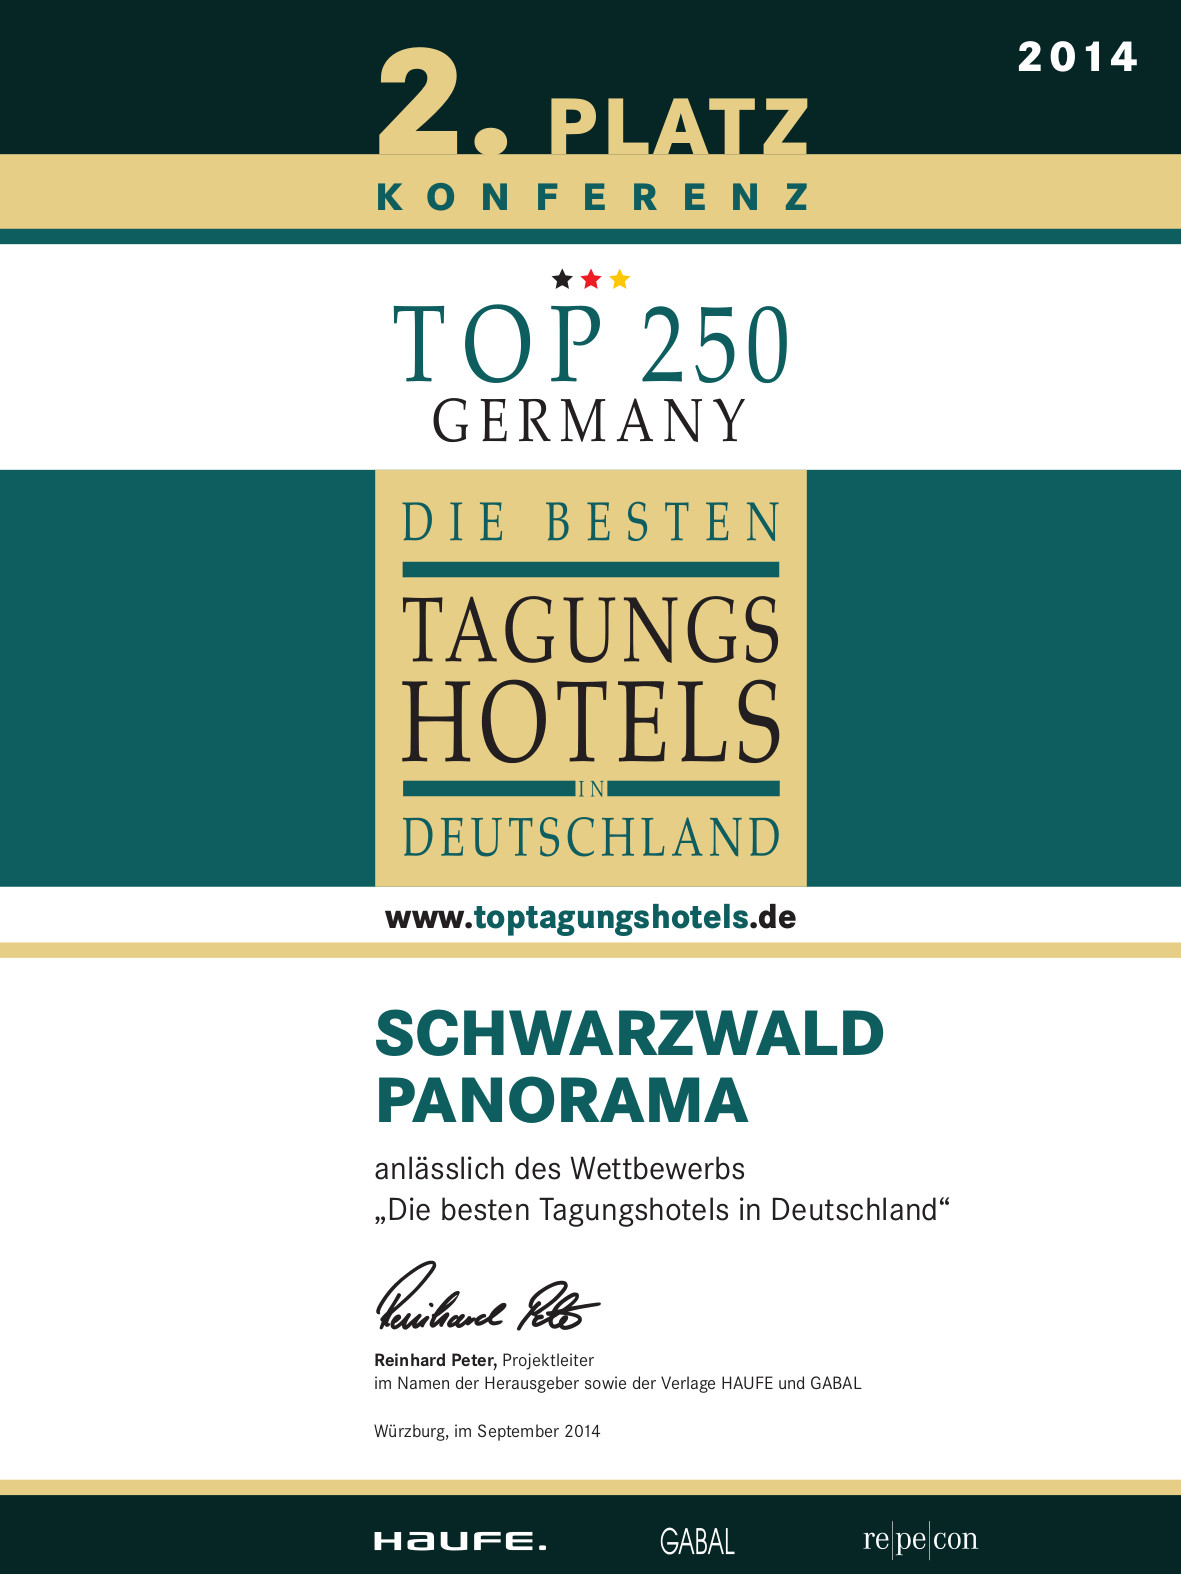 Zertifikat Top Tagungshotels Deutschland 2014 vom Schwarzwald Panorama - 2. Platz in der Kategorie Konferenz